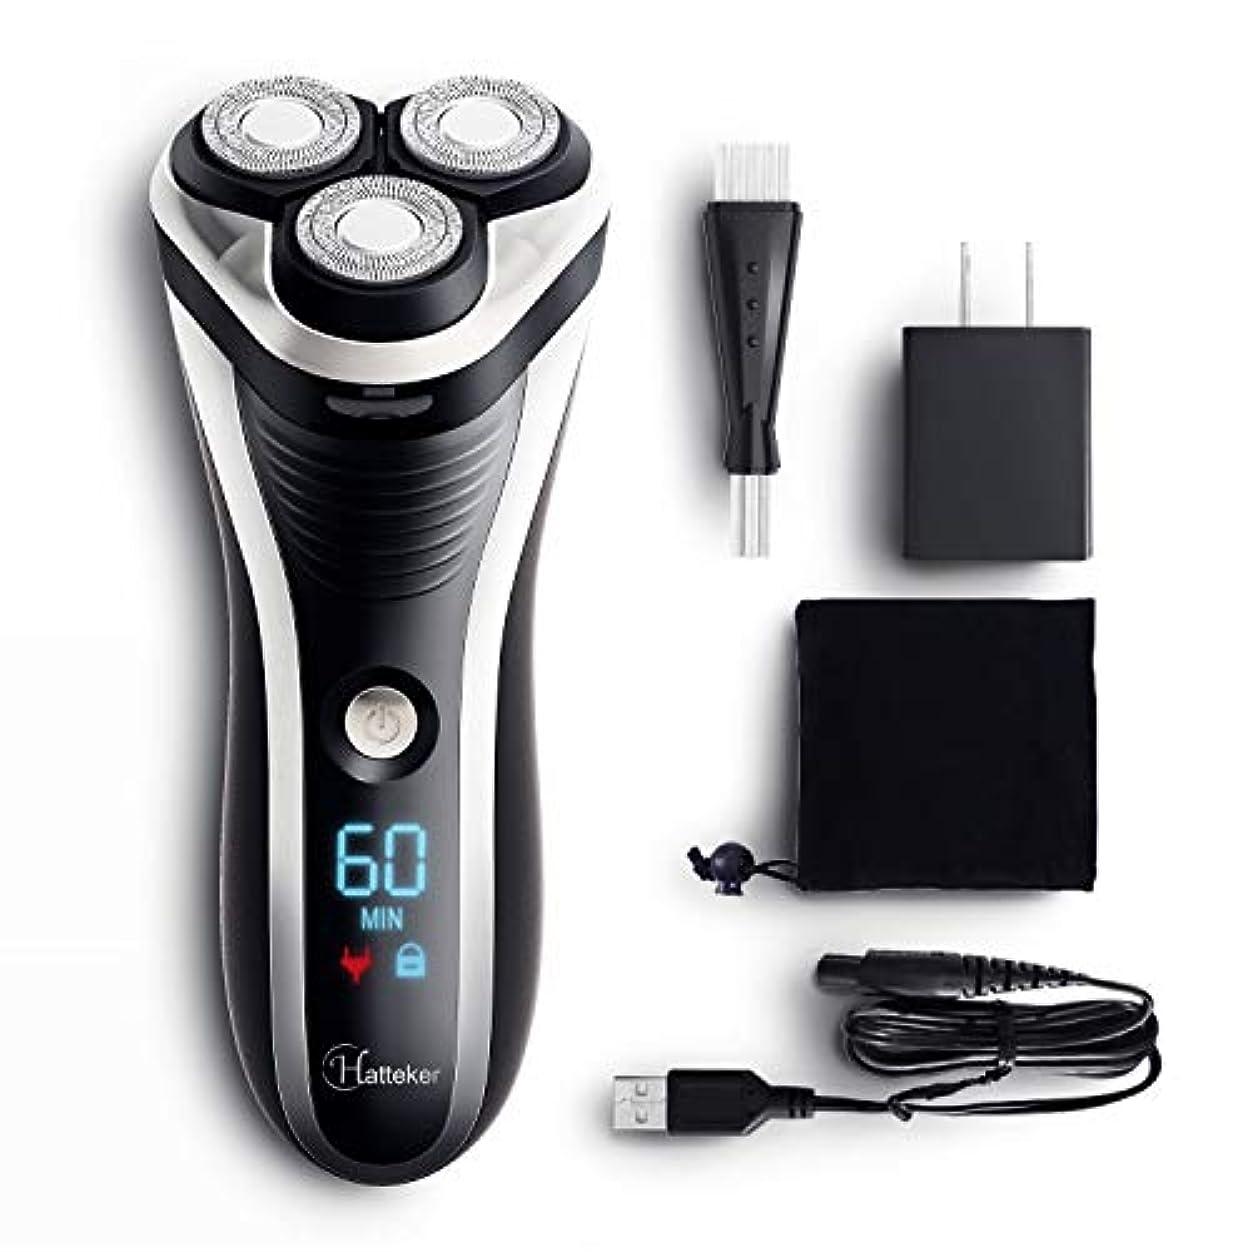 配列医療過誤平衡HATTEKER 電気シェーバー 髭剃り メンズ シェイバー ひげそり 回転式 もみあげ 水洗いOK ウエット·ドライ剃り USB充電式· 交流式 LEDディスプレイ(一年間保証)